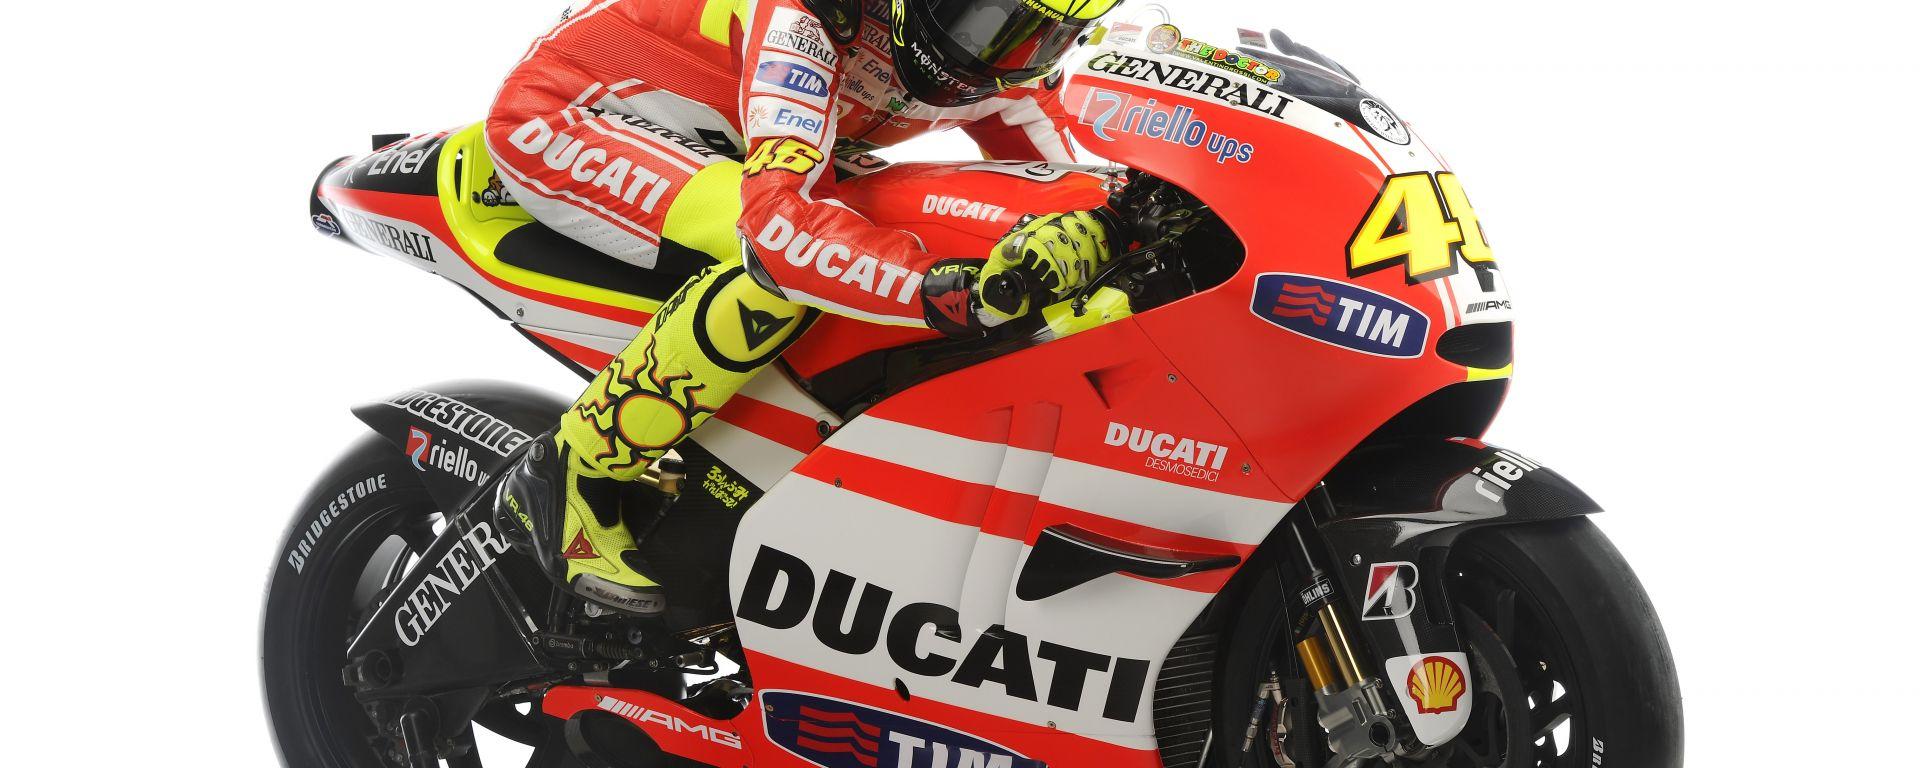 Ducati Desmosedici GP11 scarica i wallpaper